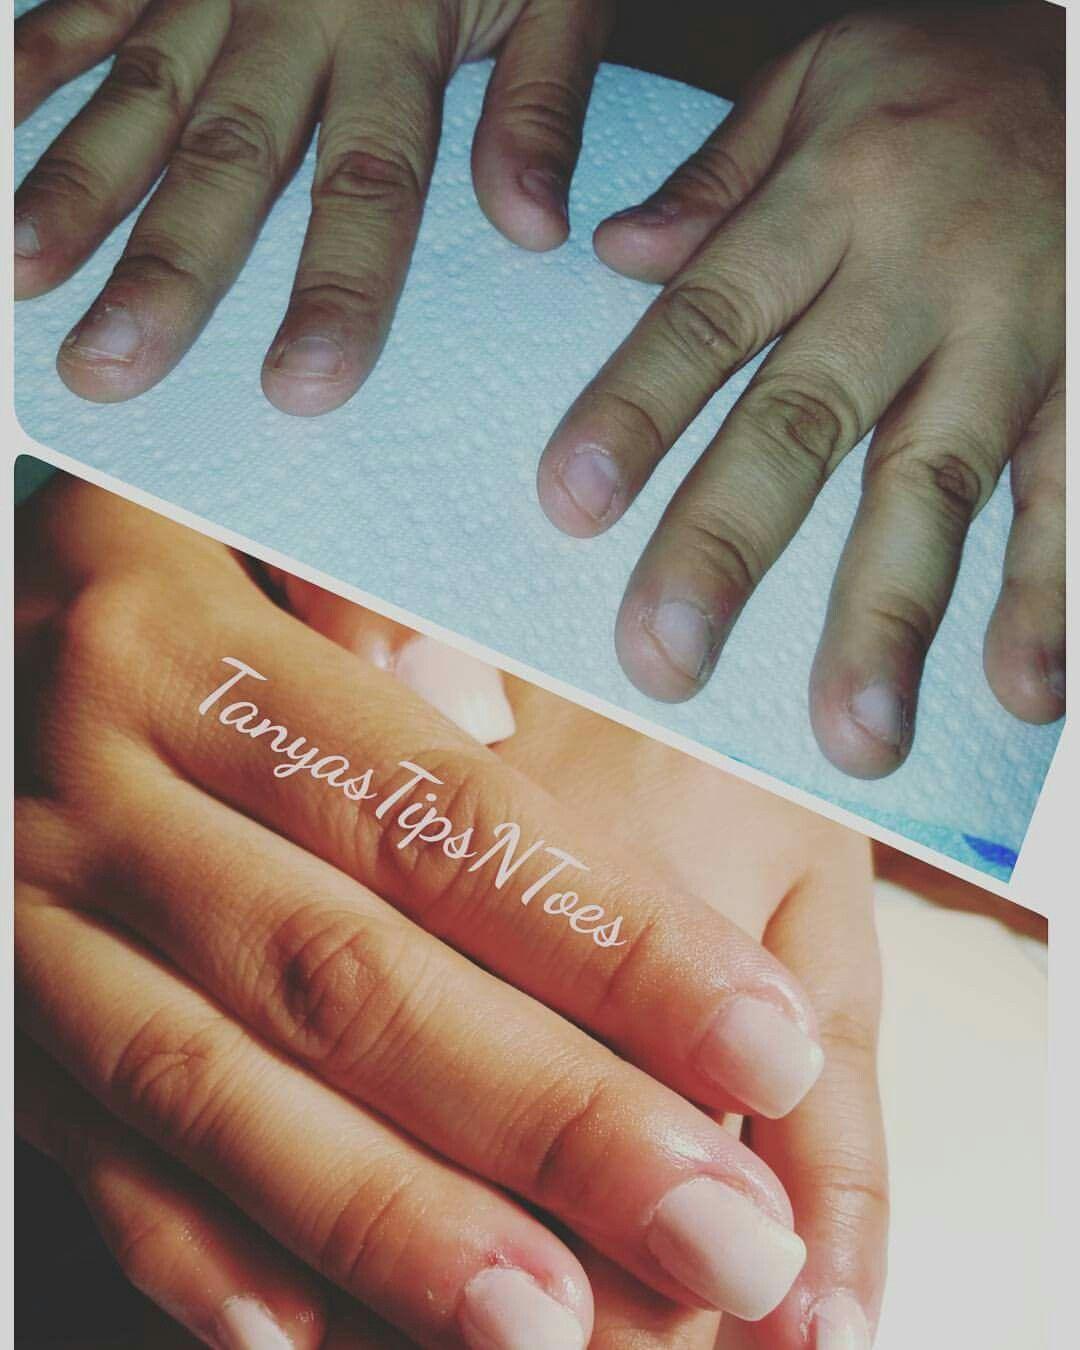 Short bitten nails BEFORE & AFTER Glitz & Glam